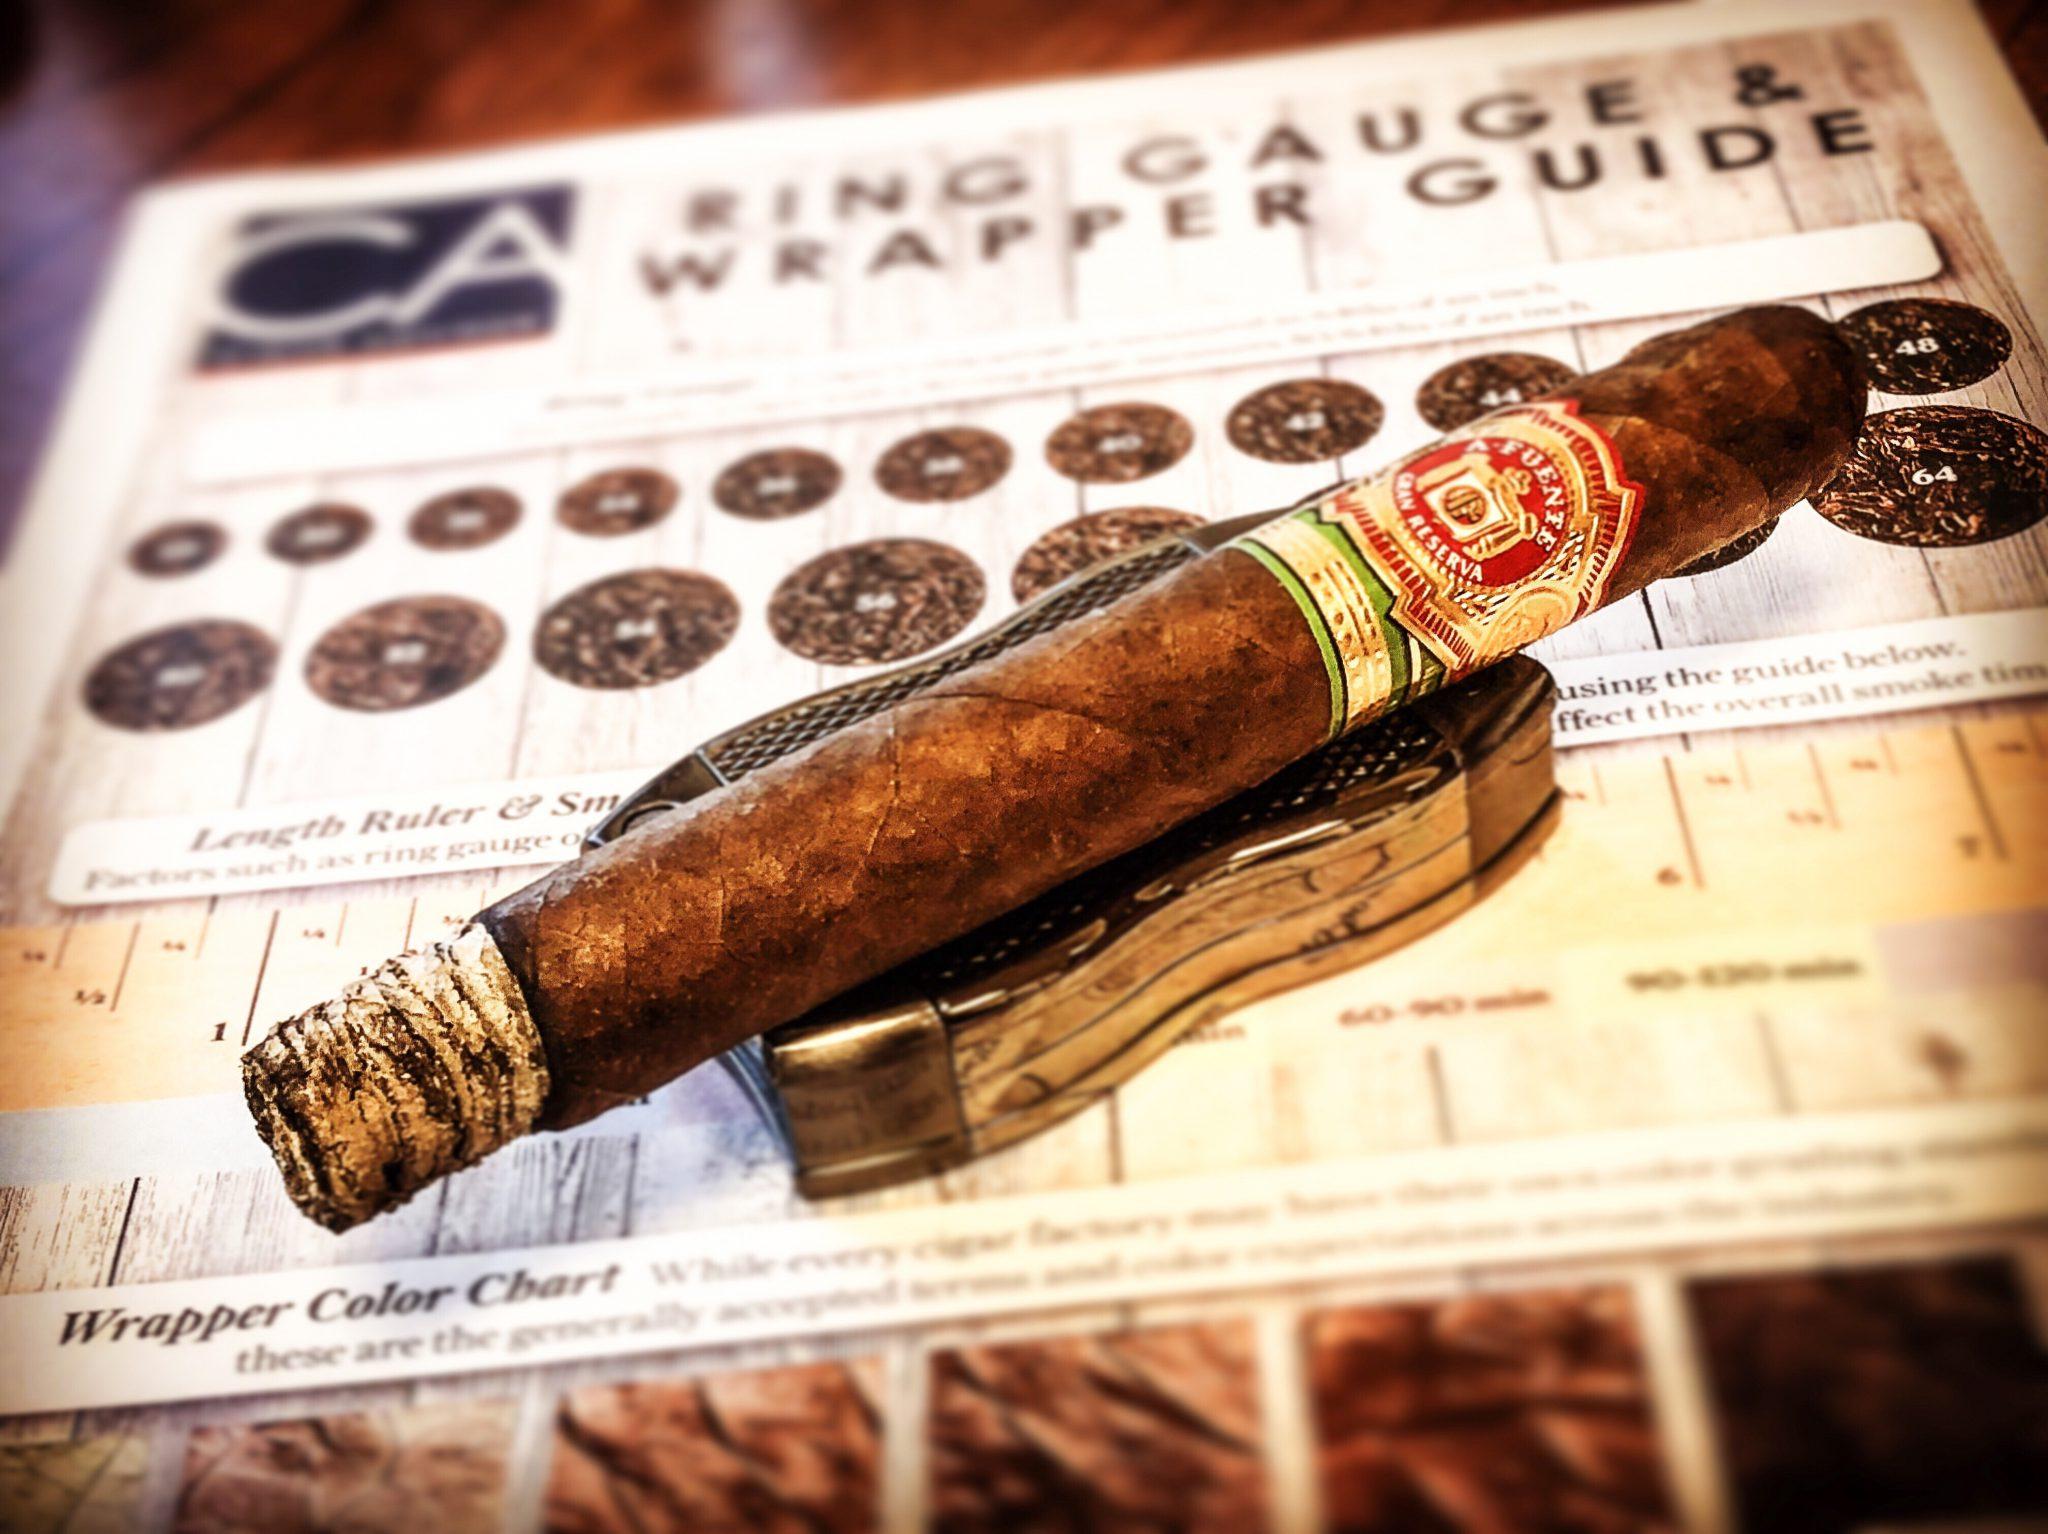 Arturo Fuente Cigars Guide Arturo Fuente cigar review 858 Flor Fina by Jared Gulick